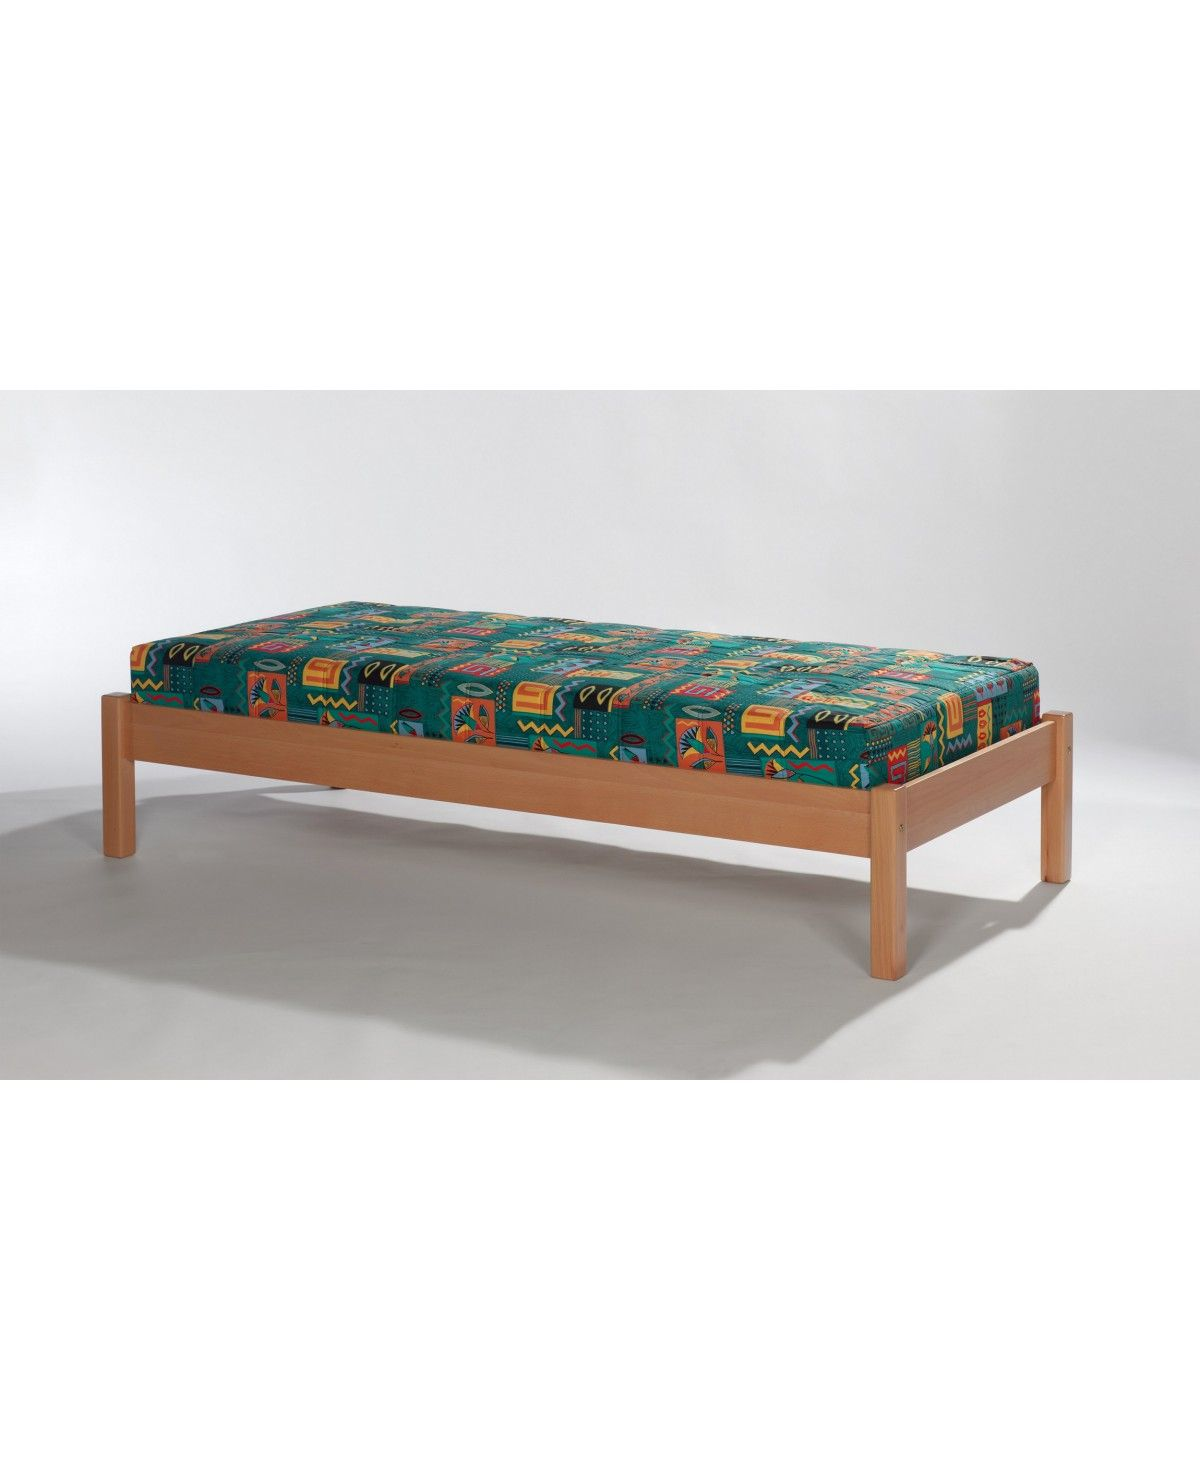 Massivholz bett buche natur lackiert 100x200 for Bett 100x200 massivholz